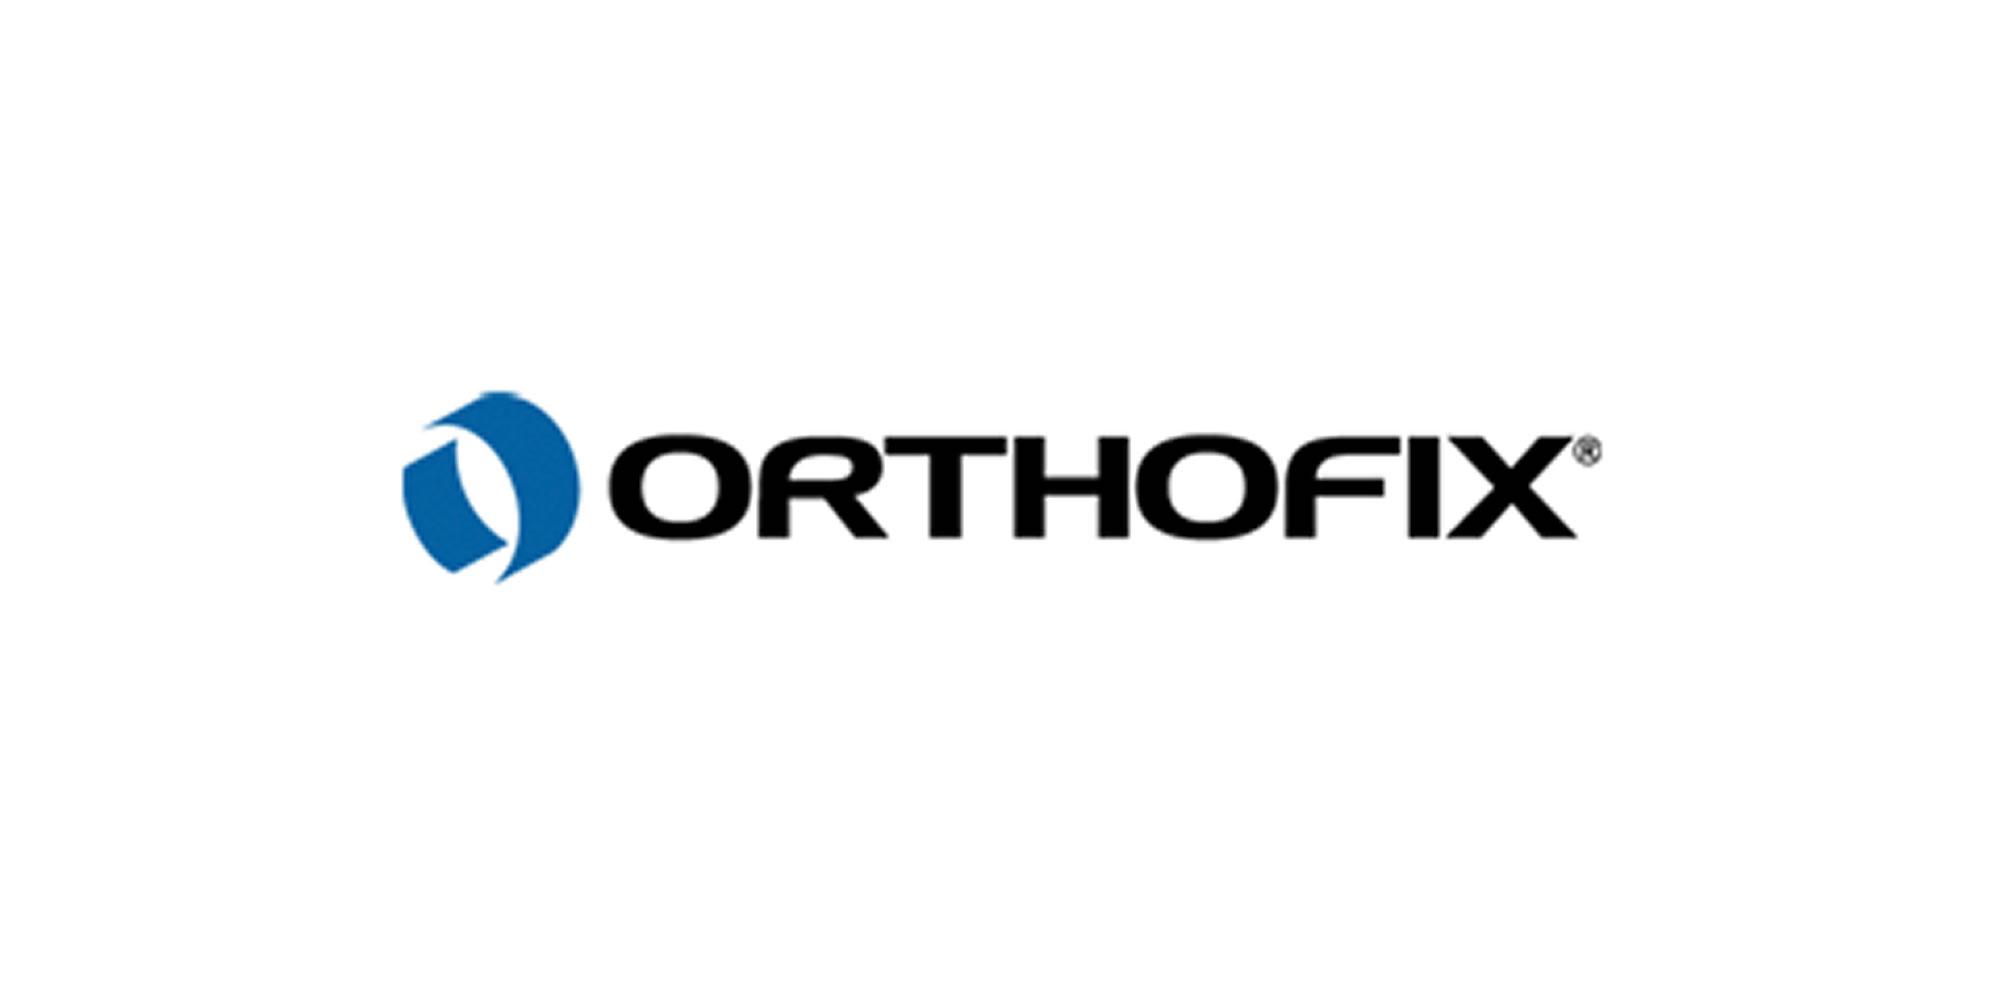 orthofix.jpg